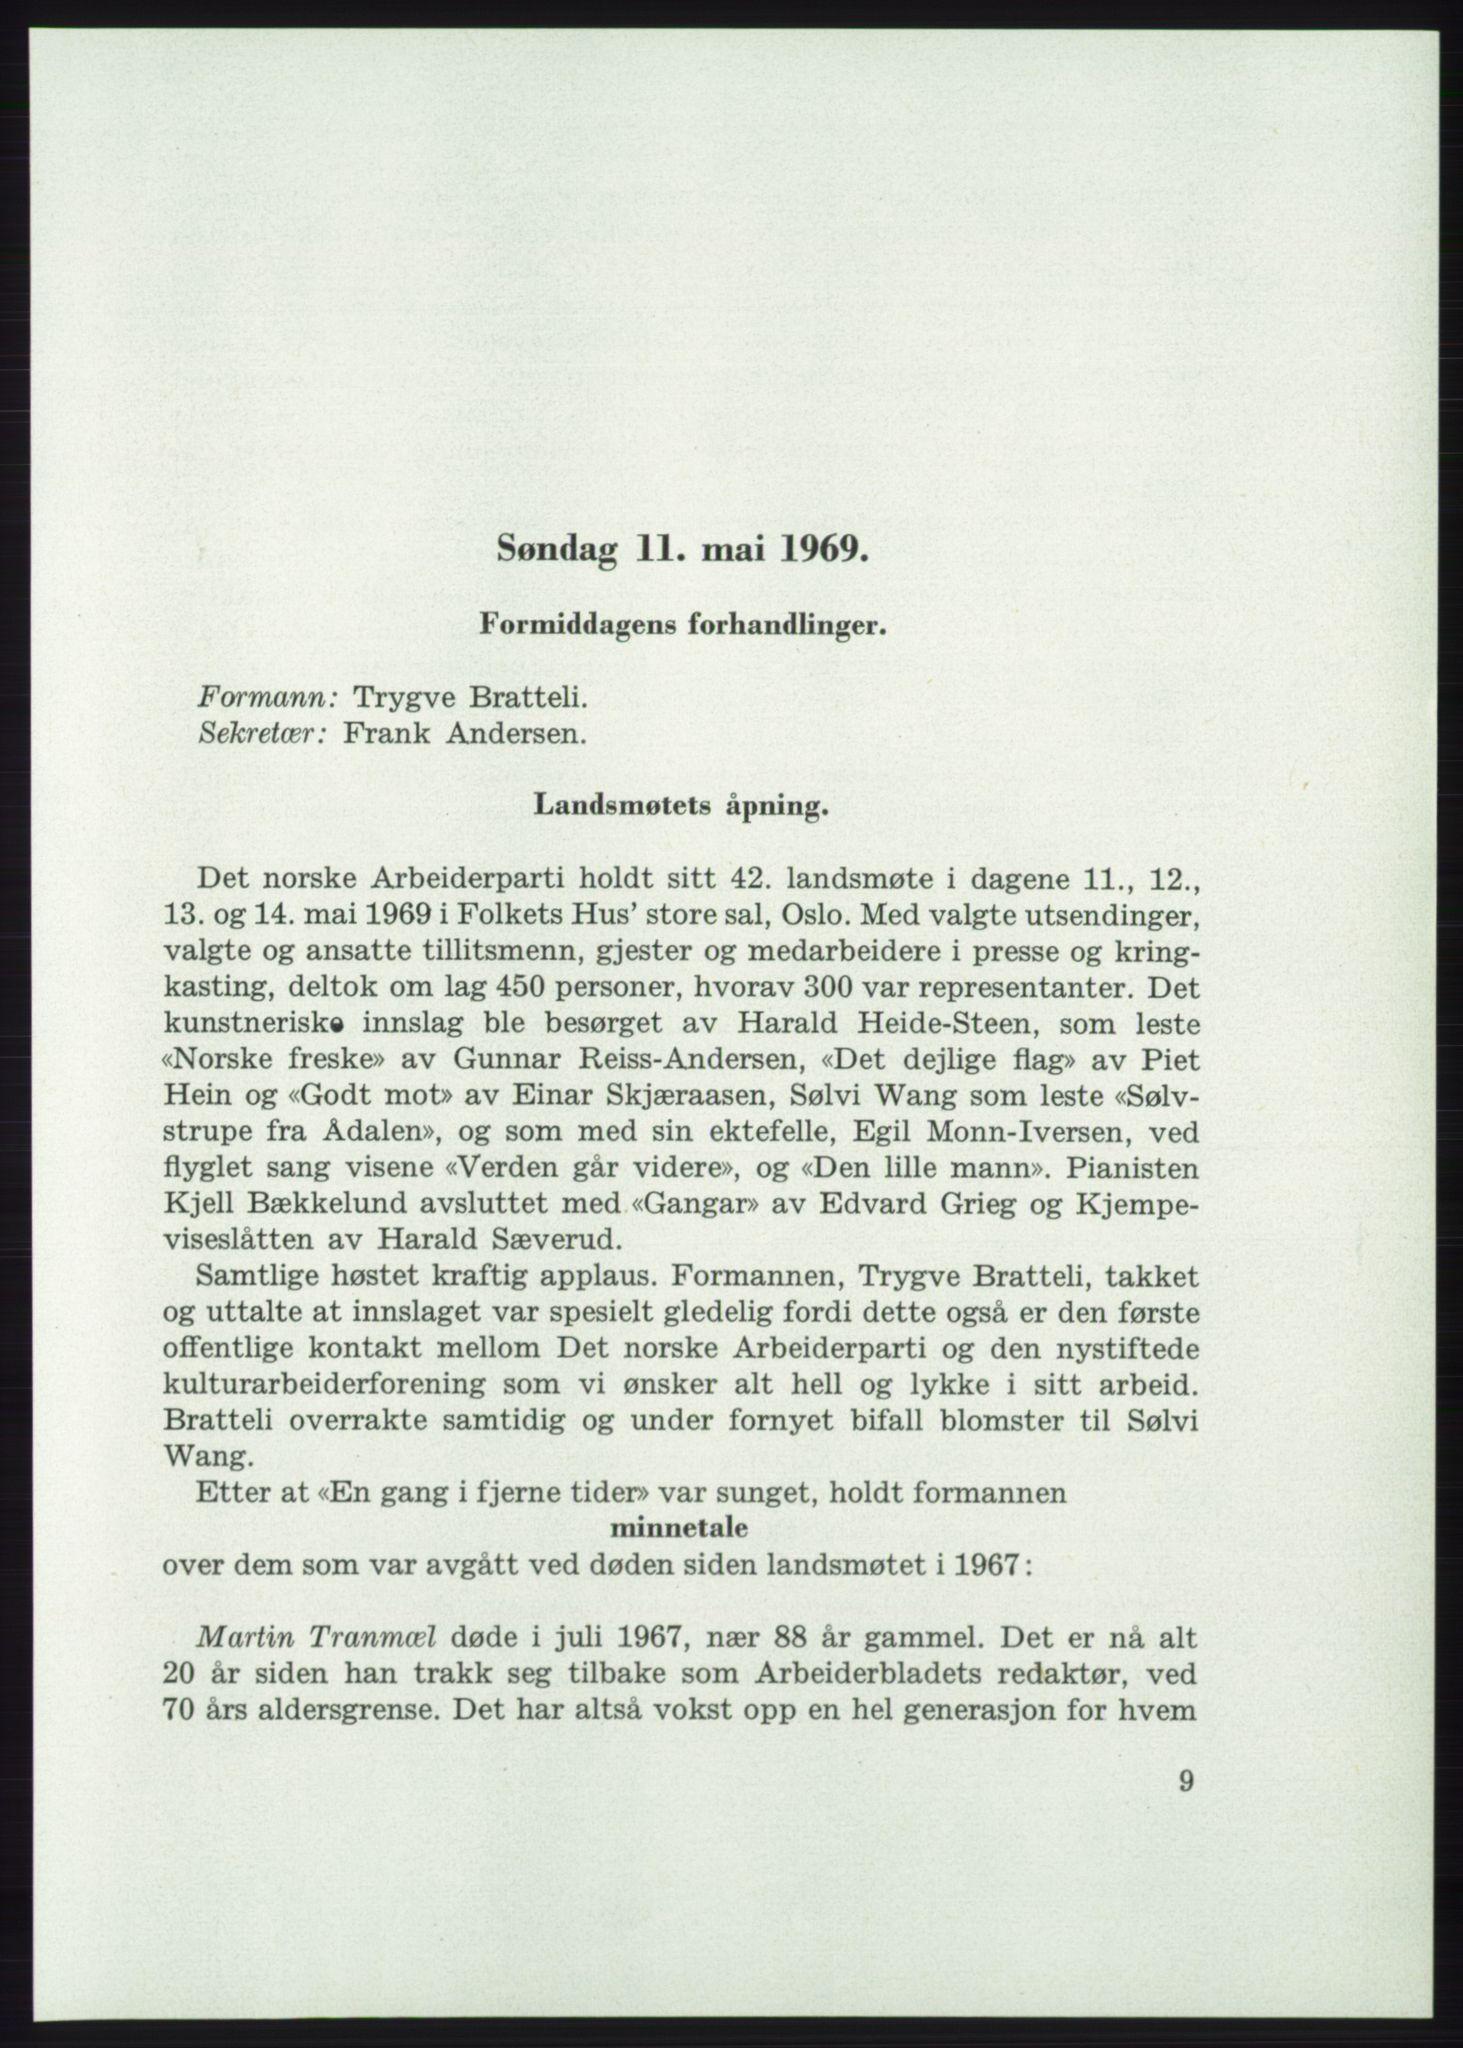 AAB, Det norske Arbeiderparti - publikasjoner, -/-: Protokoll over forhandlingene på det 42. ordinære landsmøte 11.-14. mai 1969 i Oslo, 1969, p. 9